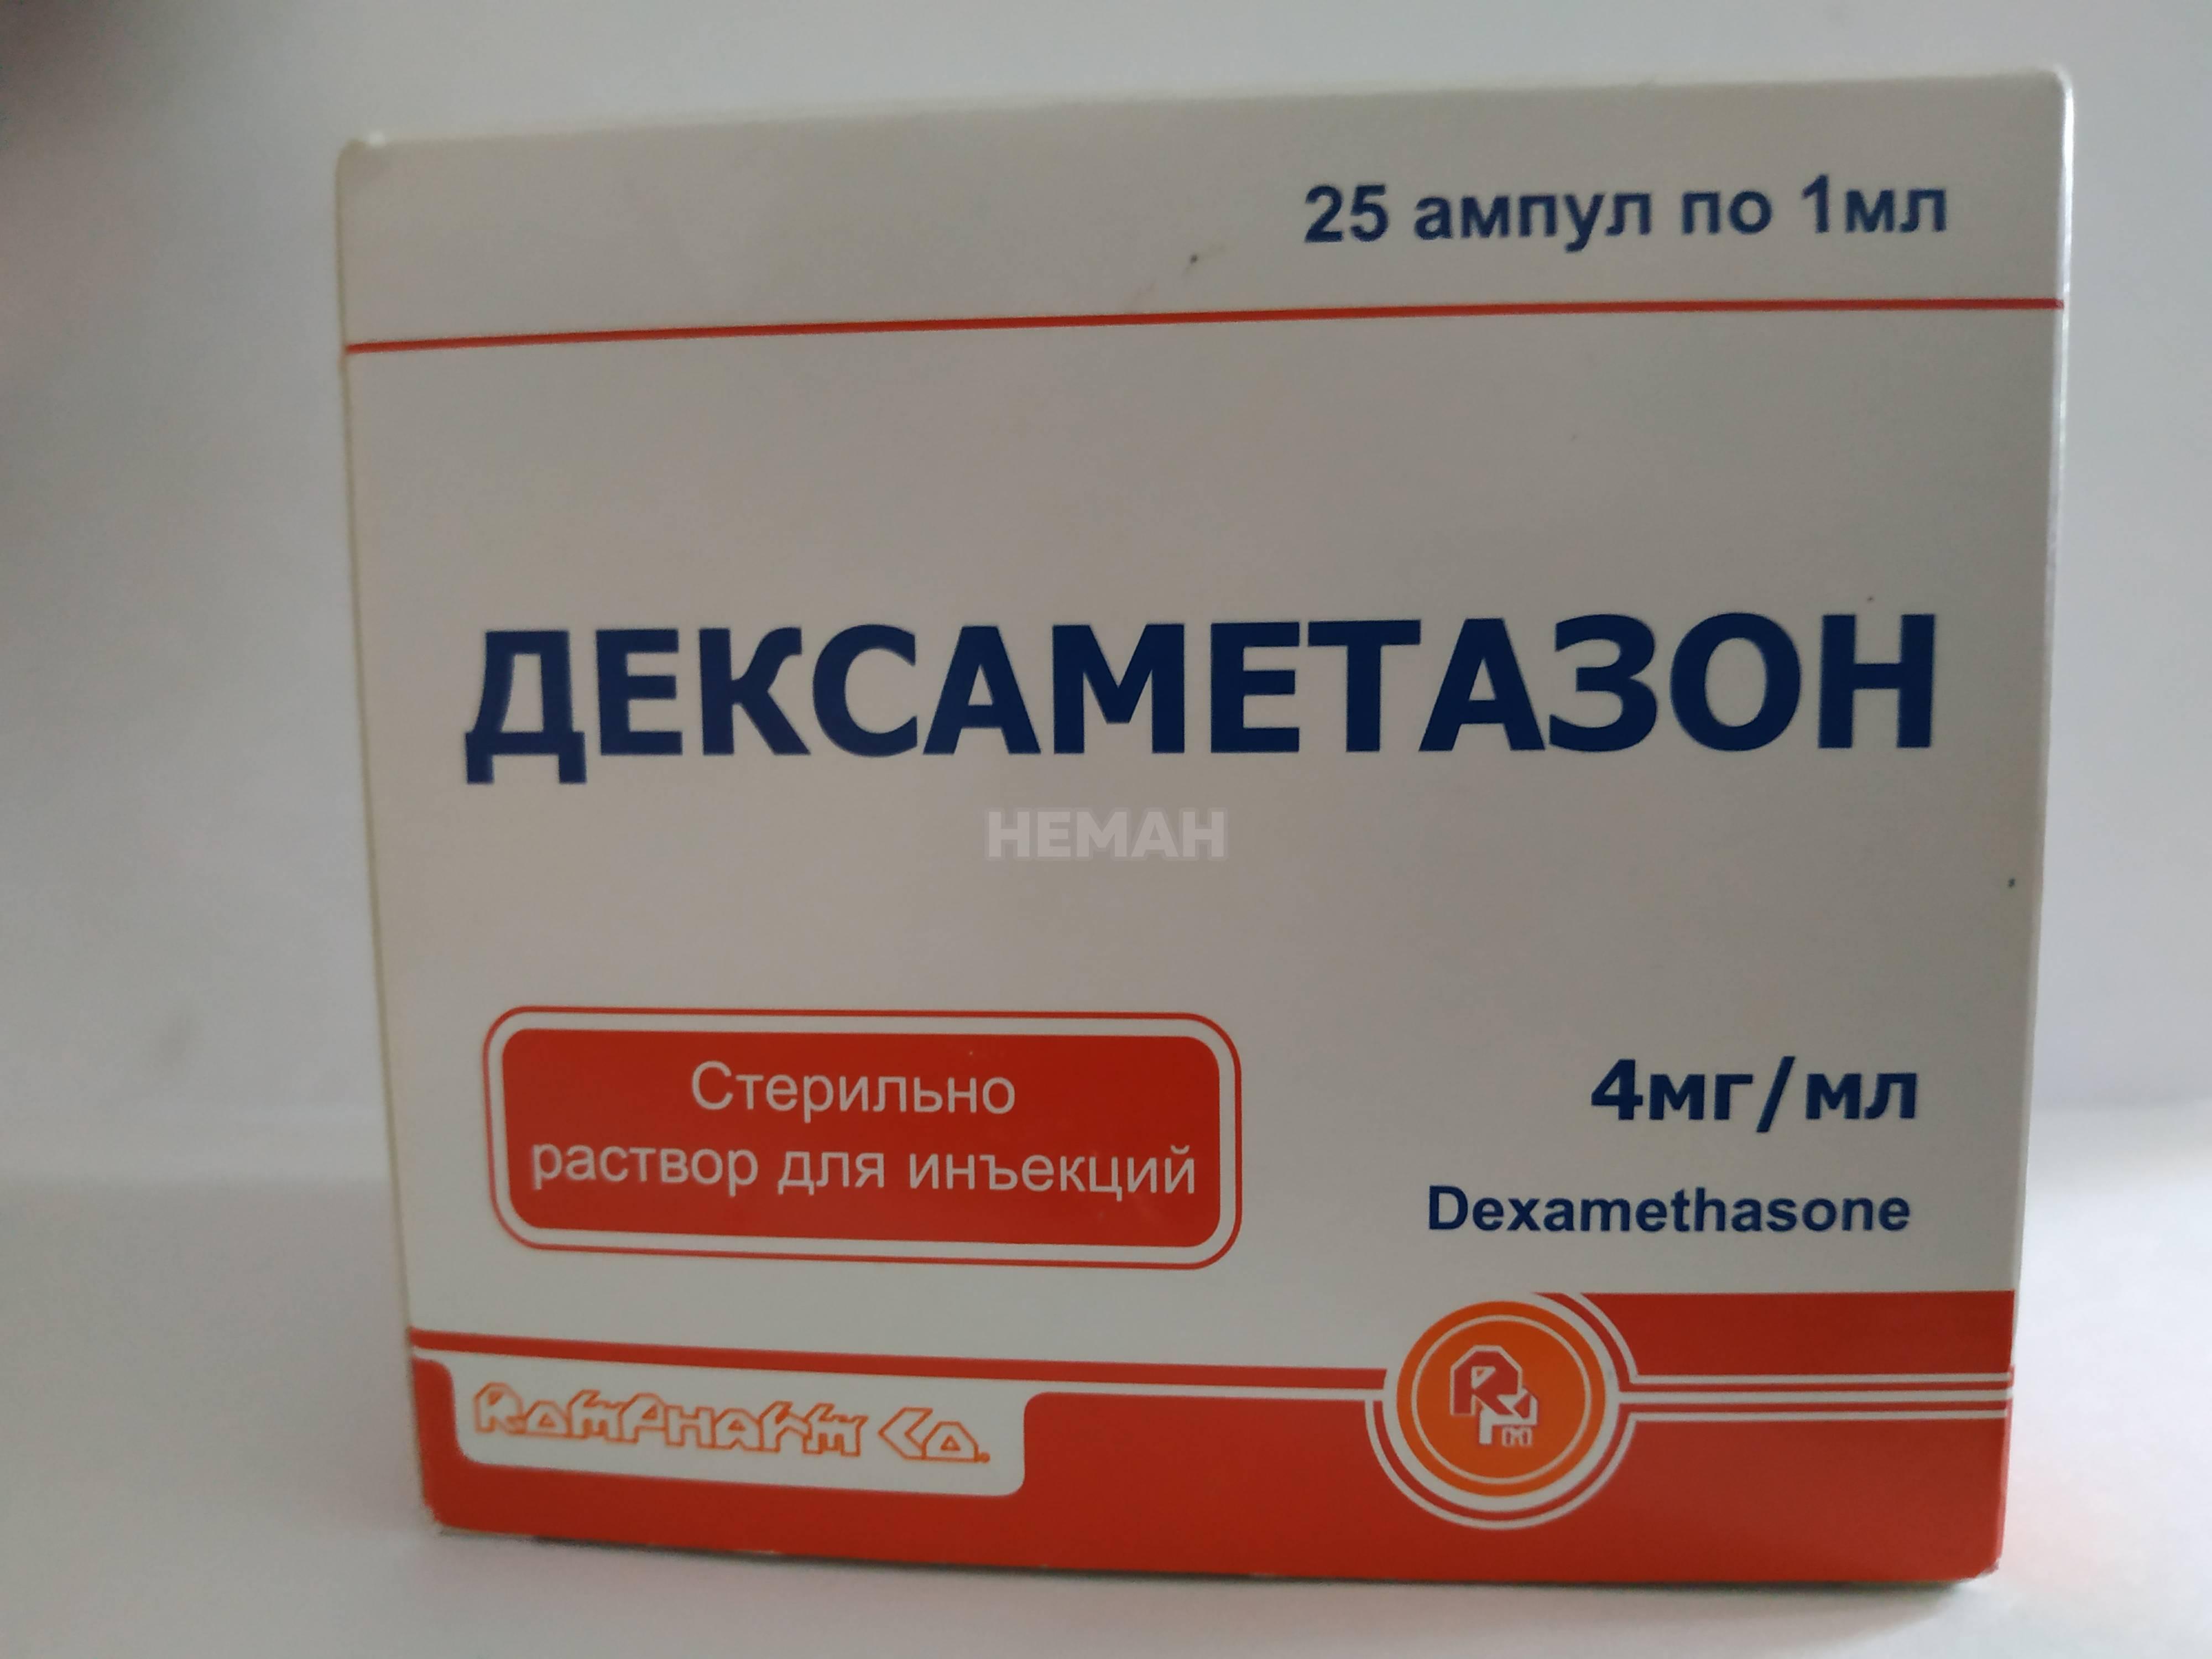 Дексаметазон: состав, показания, дозировка, побочные эффекты